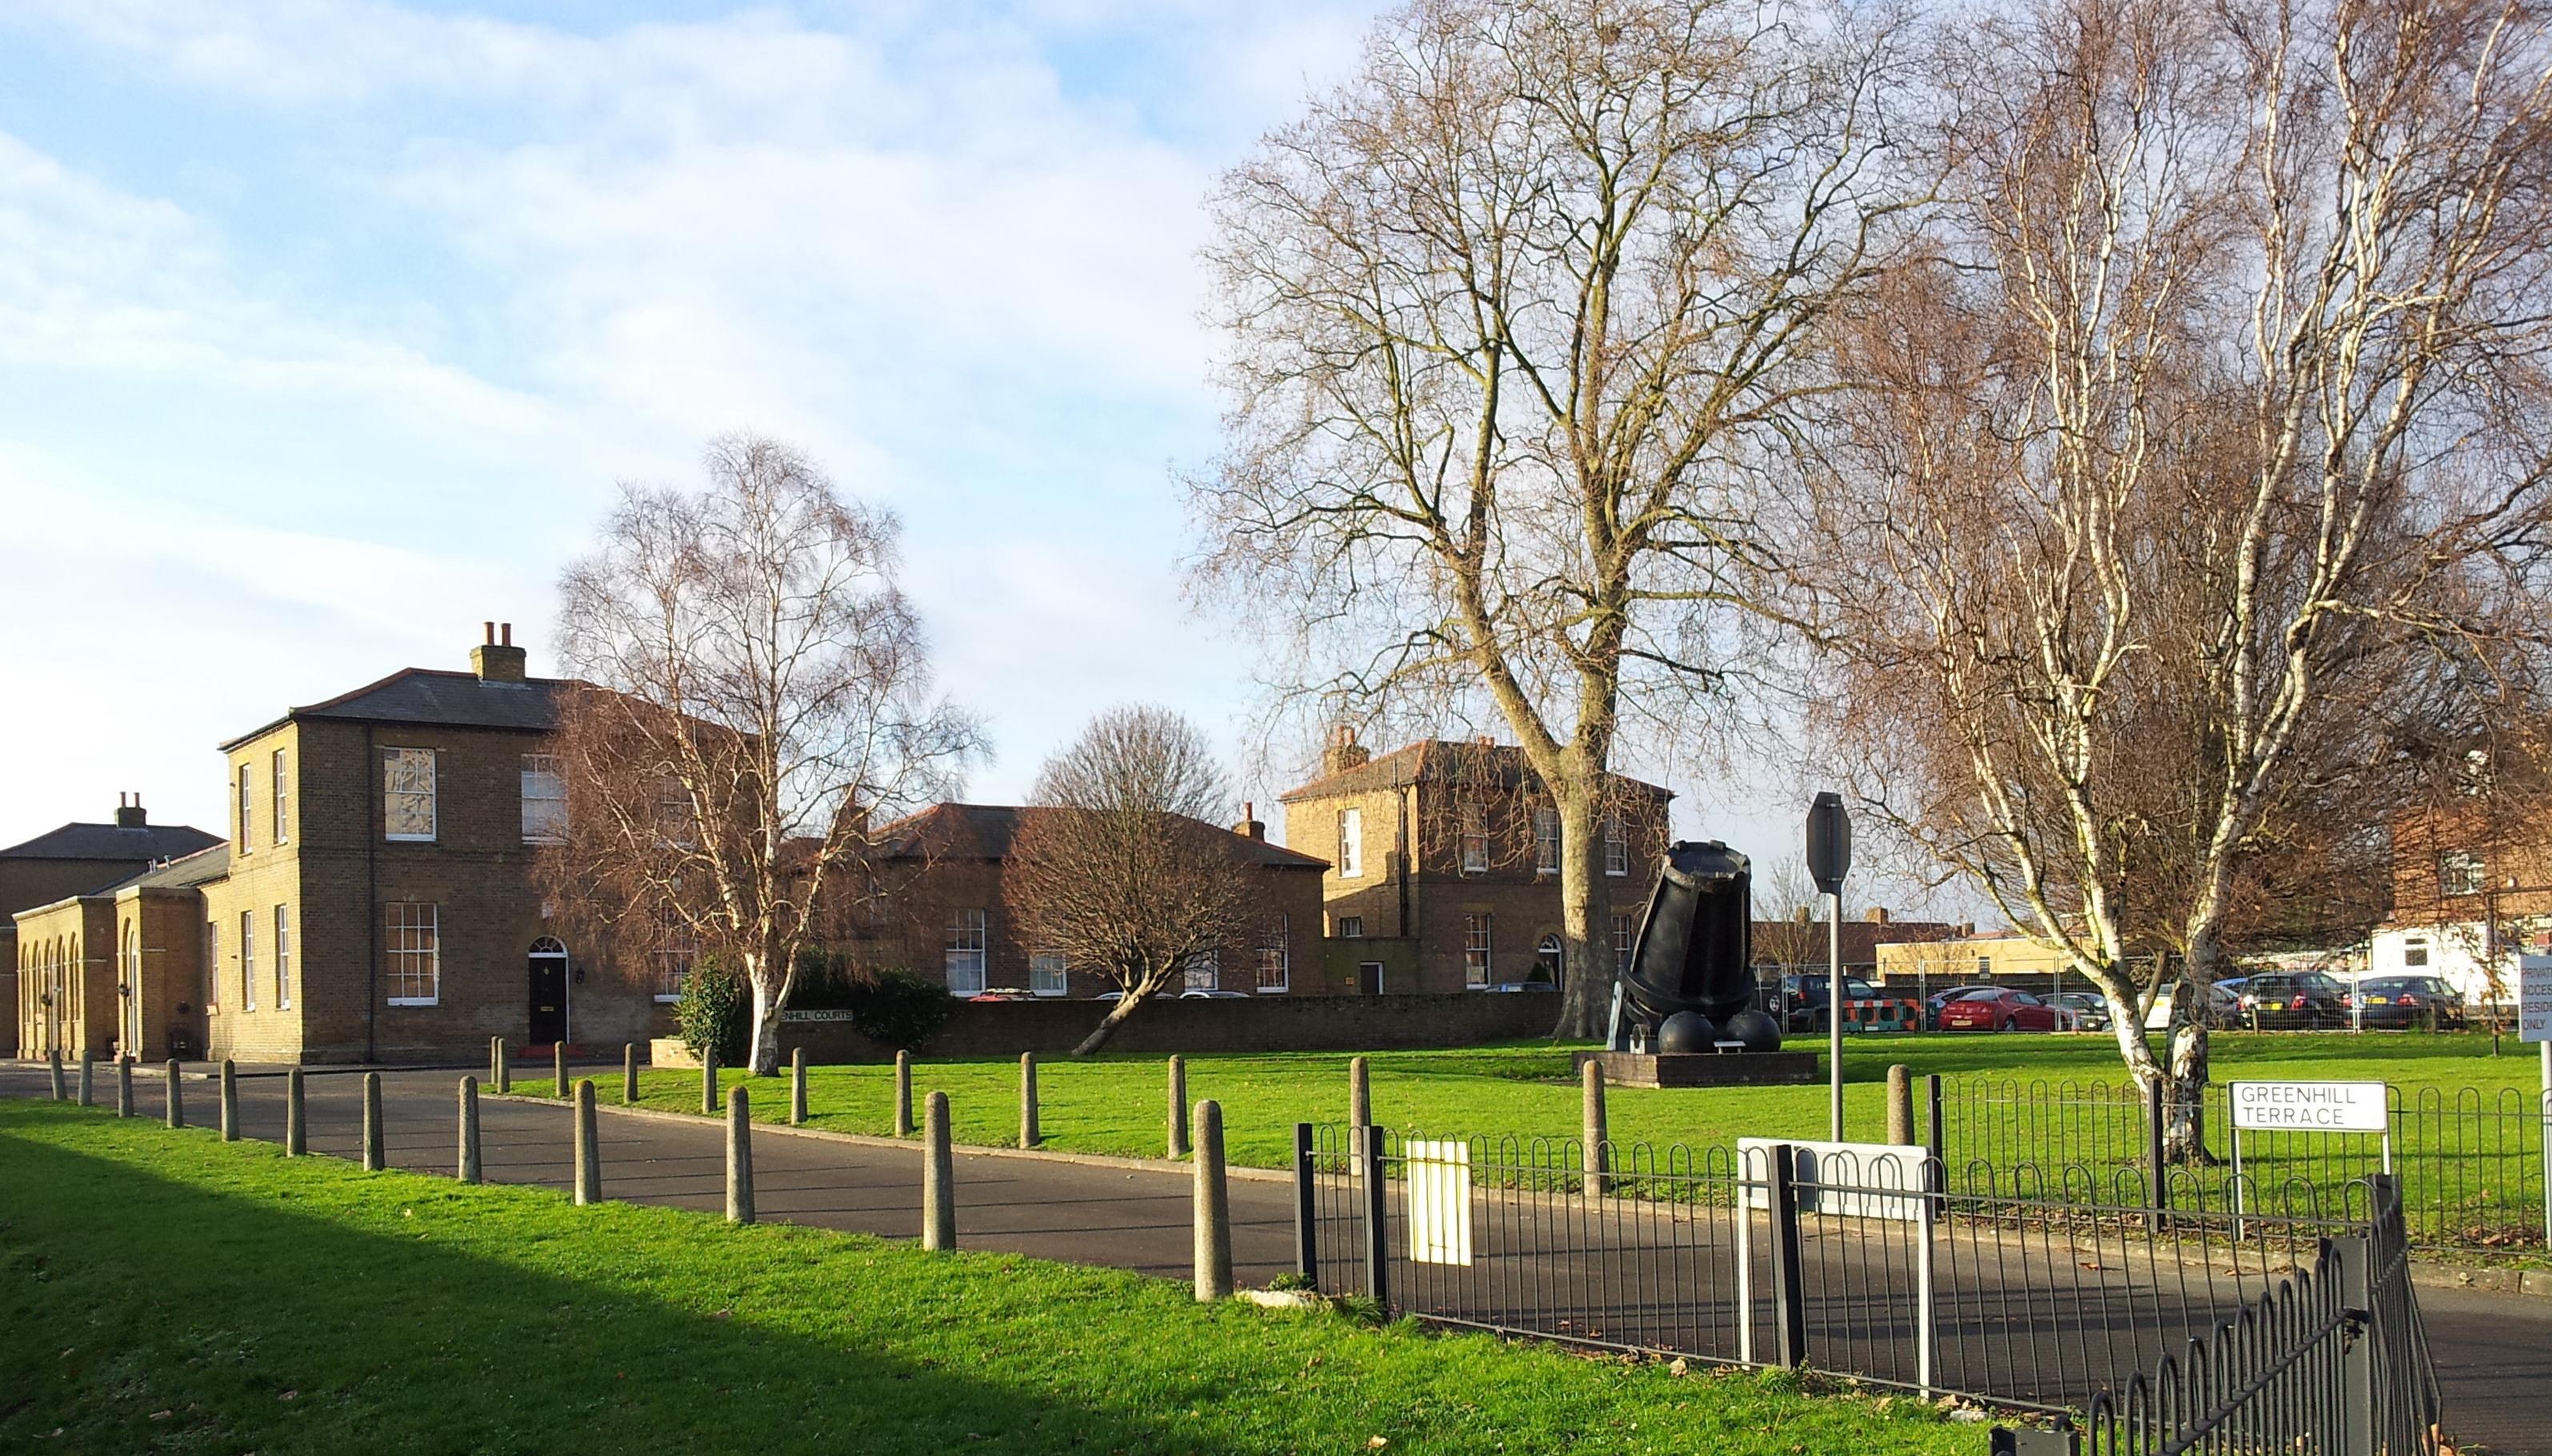 london, woolwich, former military buildings01.jpg